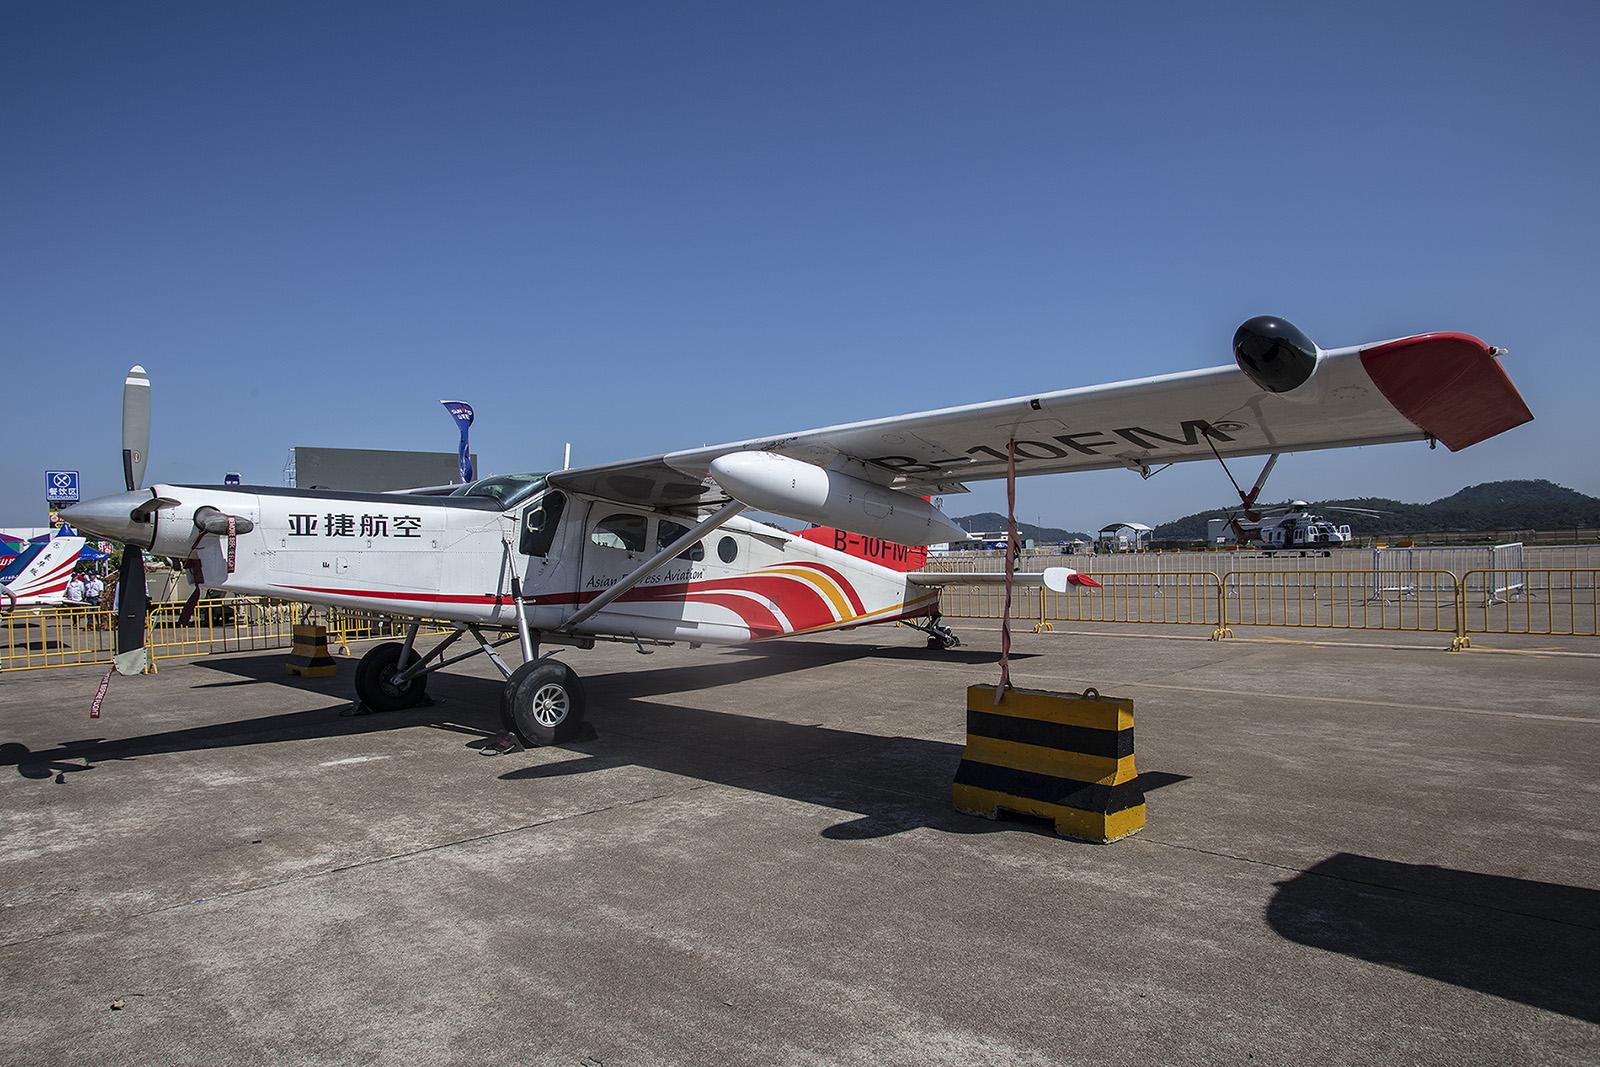 ....wie auch die PC-6 Turboporter von Pilatus.